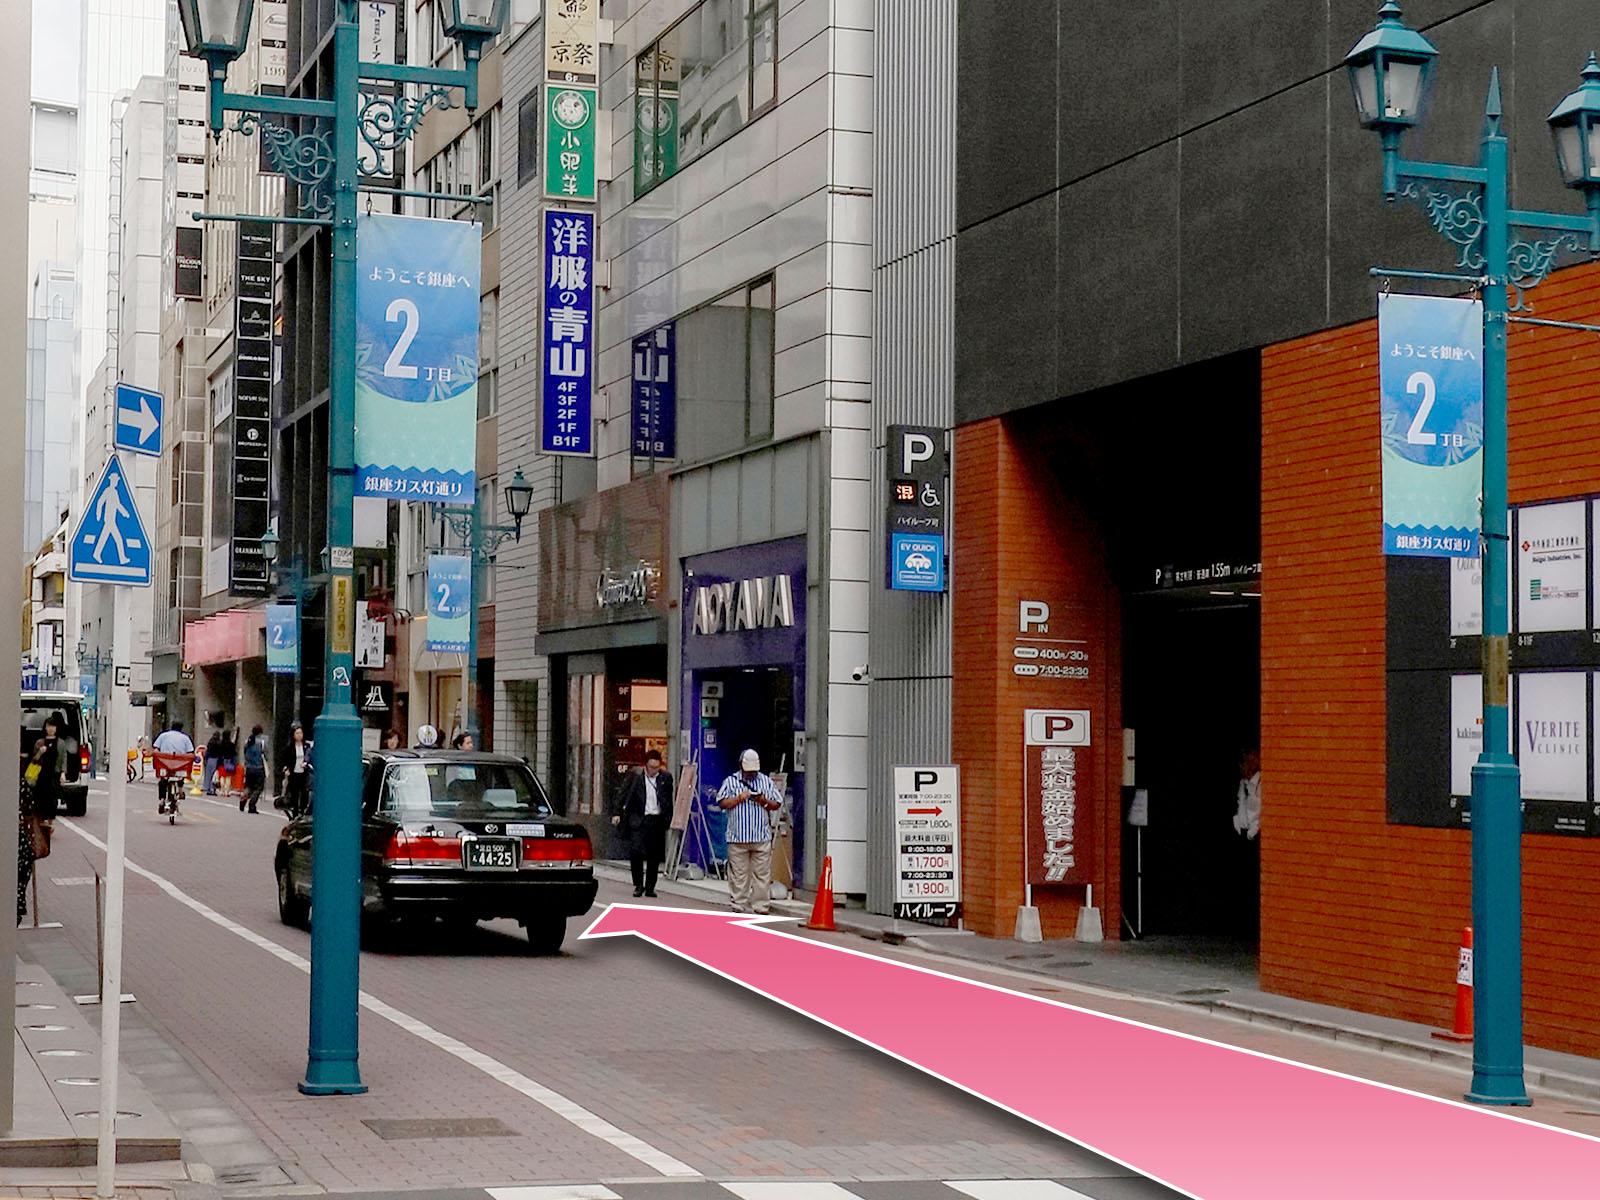 東京中央美容外科銀座二丁目院東京メトロ銀座駅ルート06